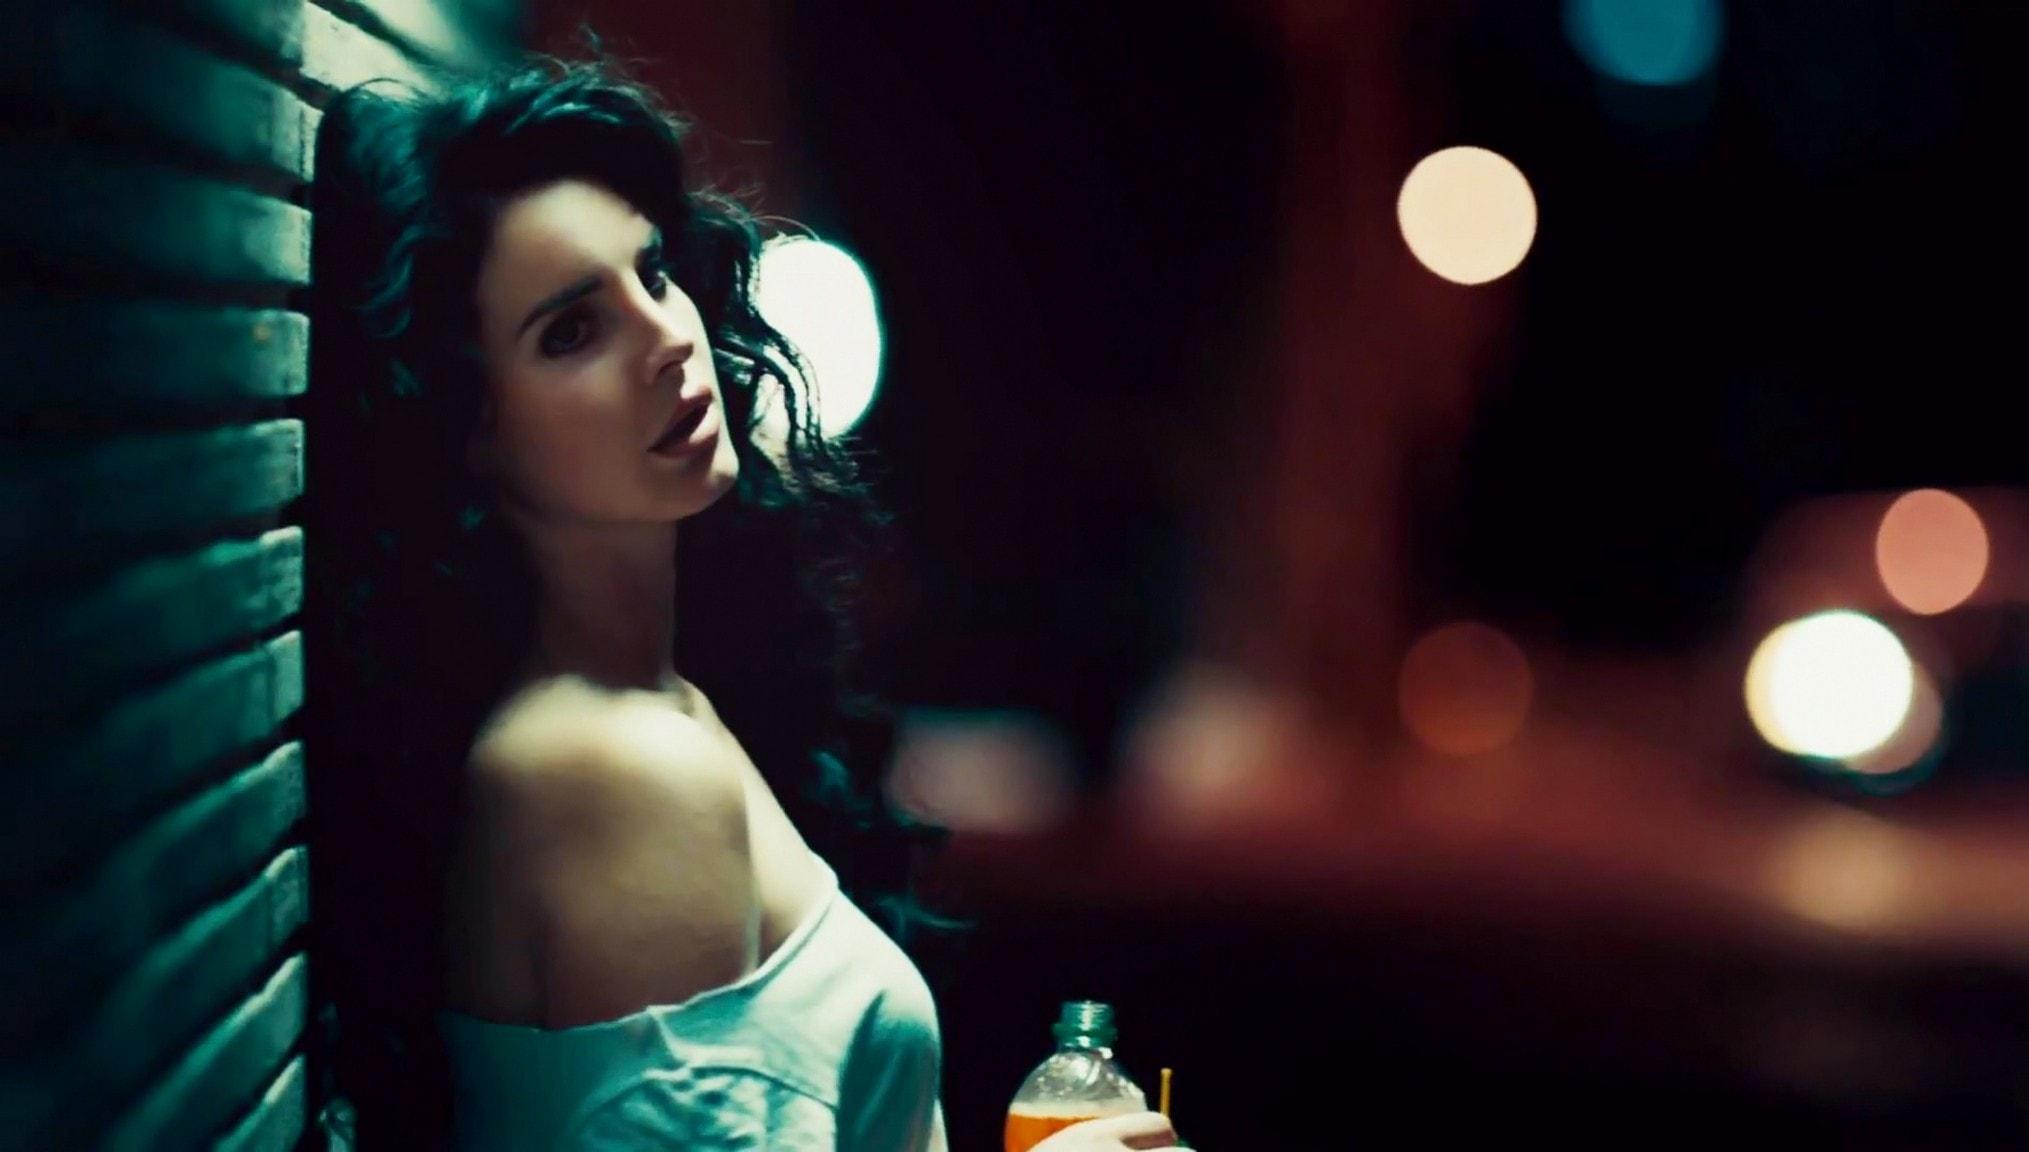 Lana Del Rey Wide wallpapers